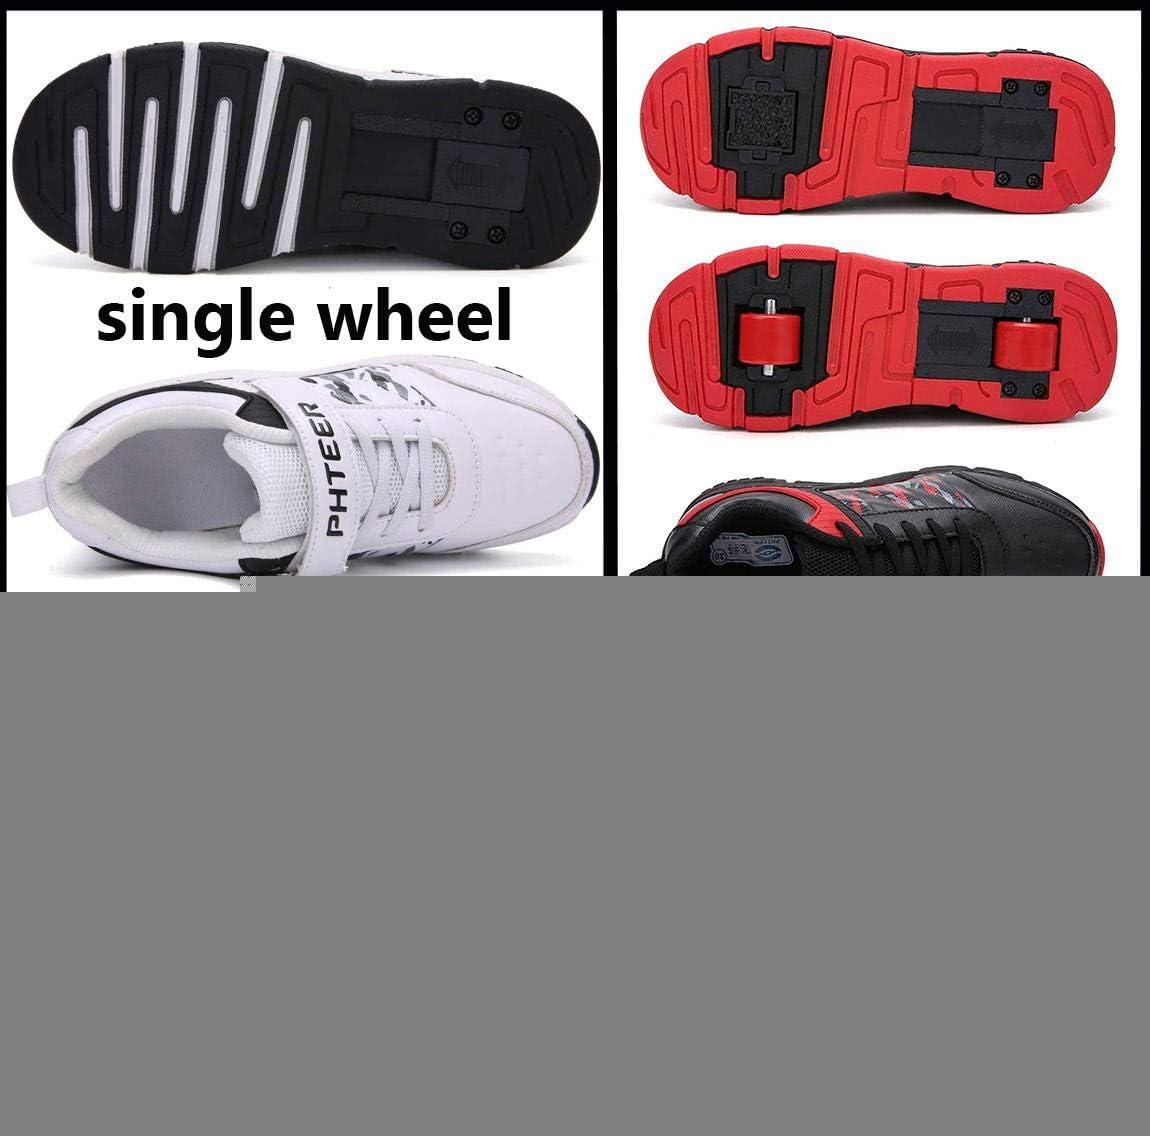 qmj Chaussures /À roulettes Fille Gar/çon Sport Sneaker Patins /À roulettes Chaussures De Skate avec 2 Roues Chaussures /À roulettes Baskets De Gymnastique Chaussures De Fitness,Red-31